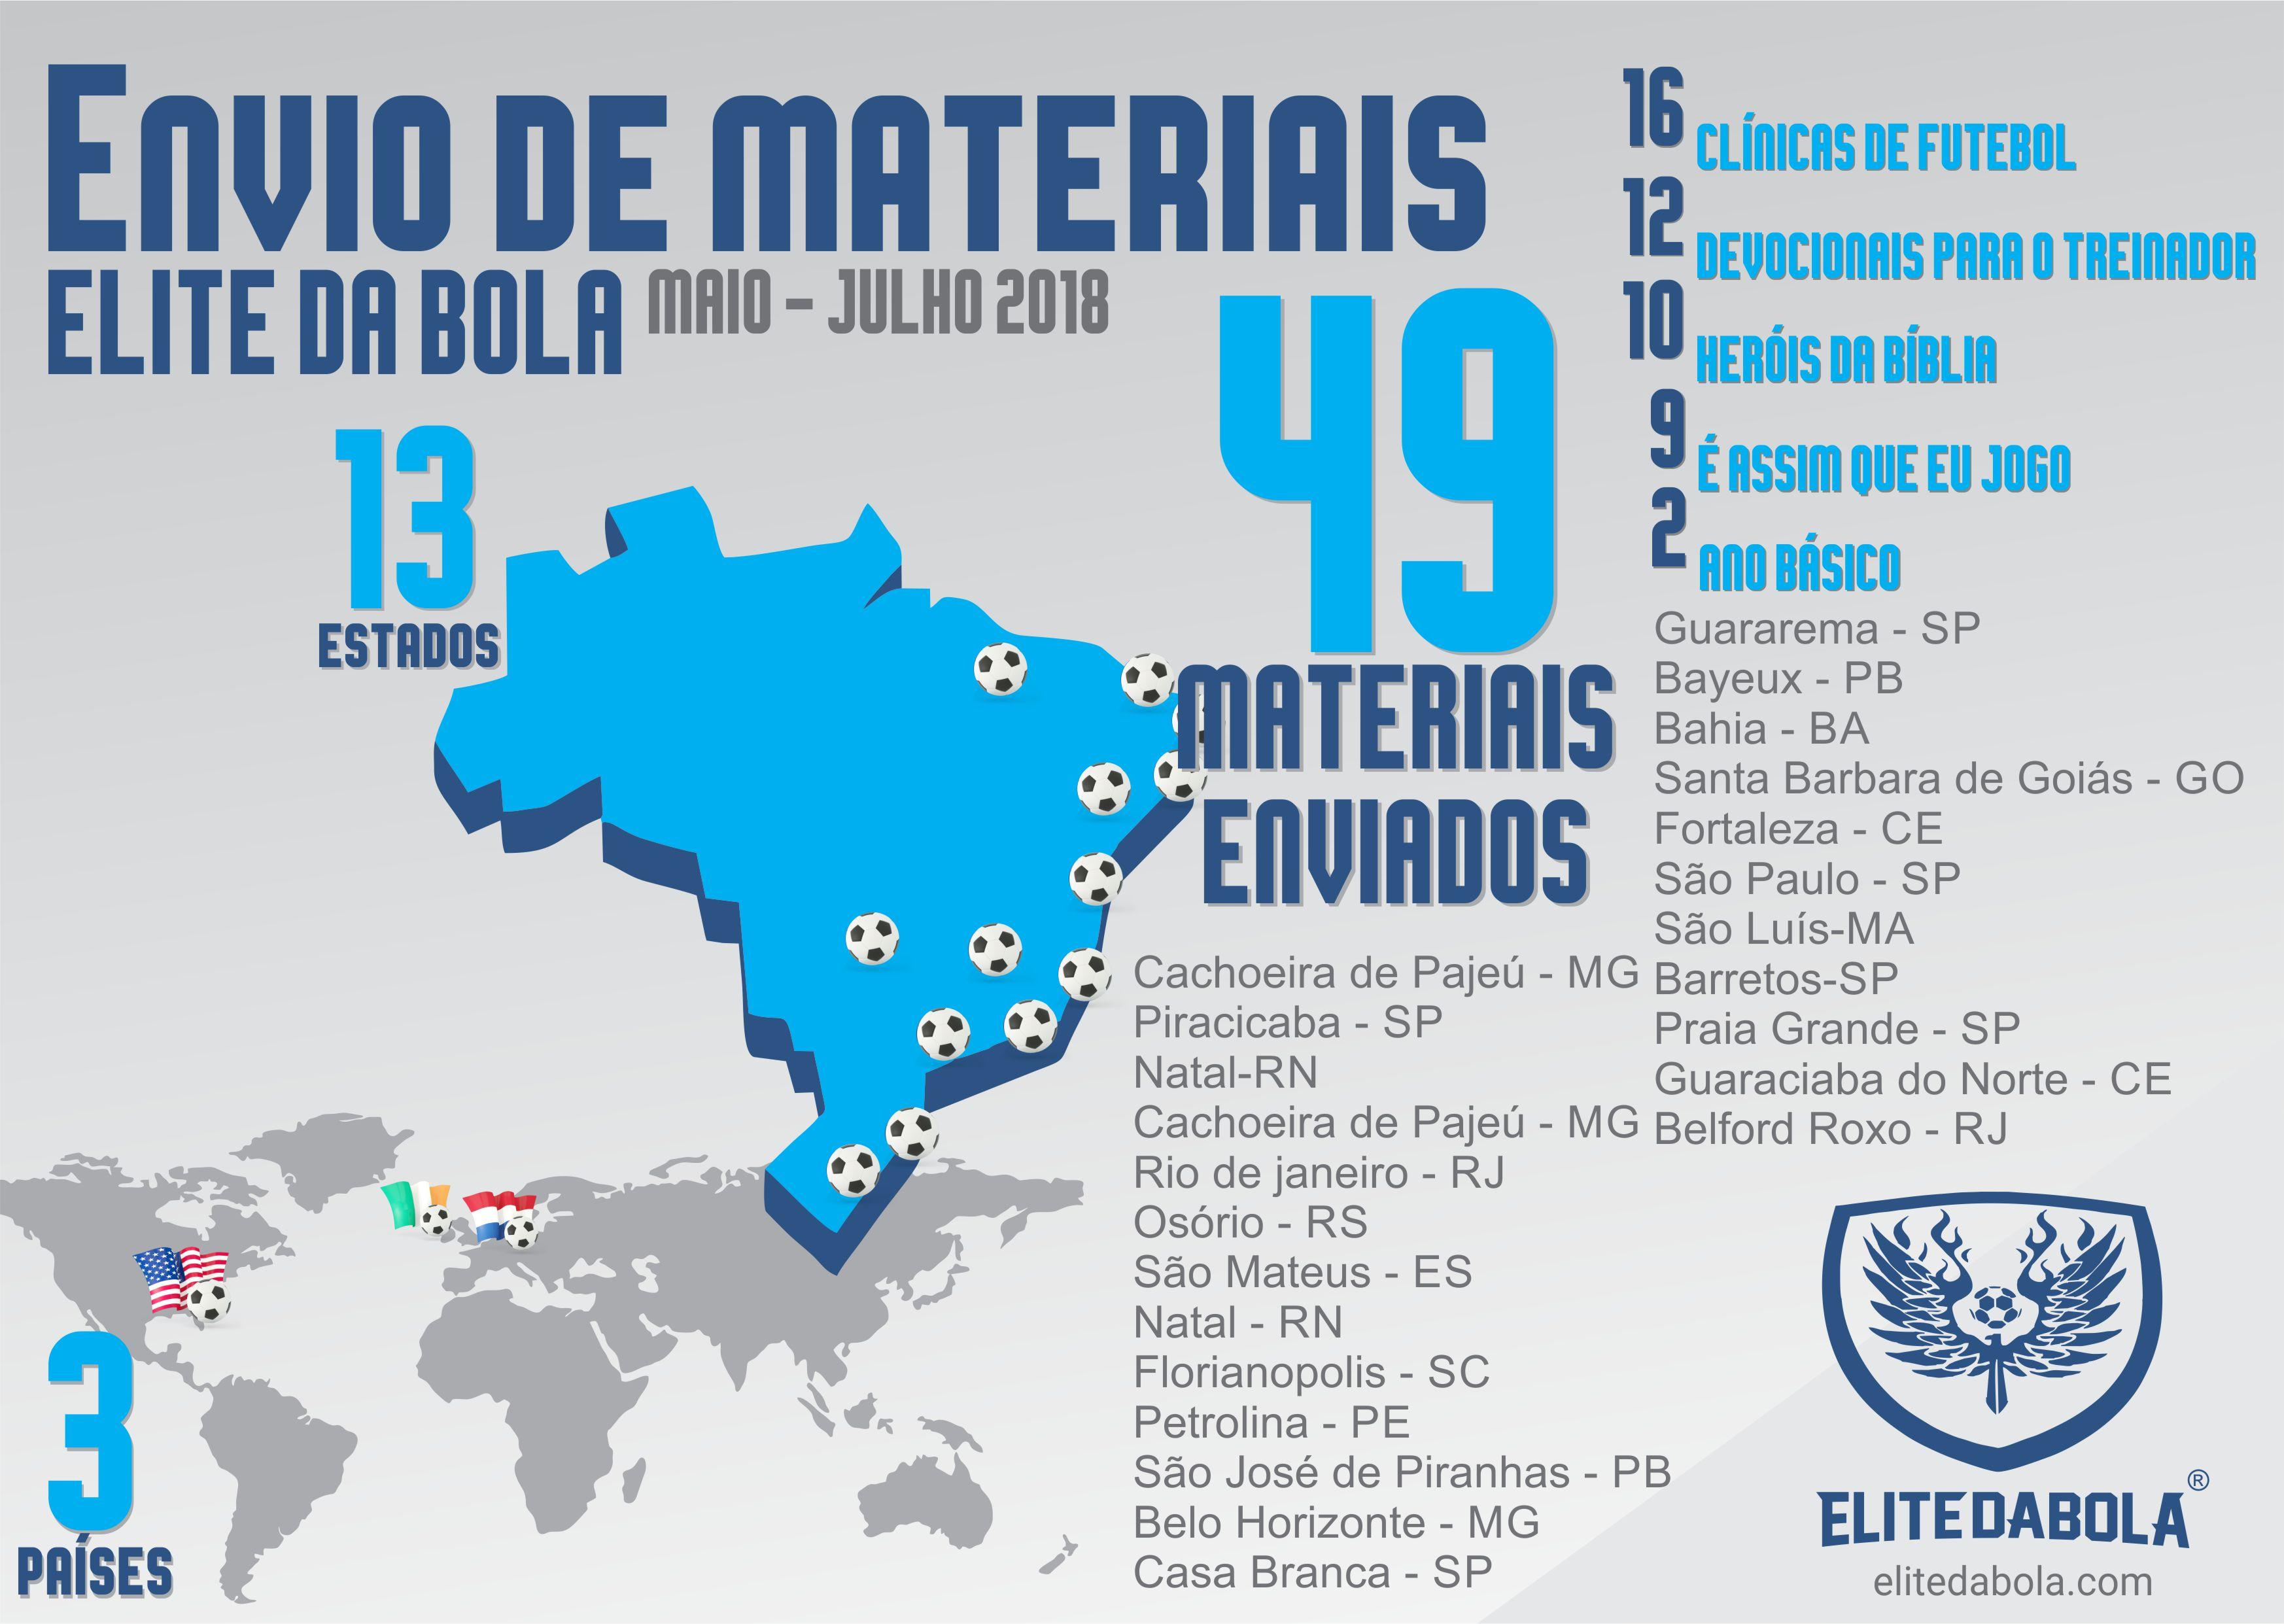 reeport Elite da Bola maio-julho2018